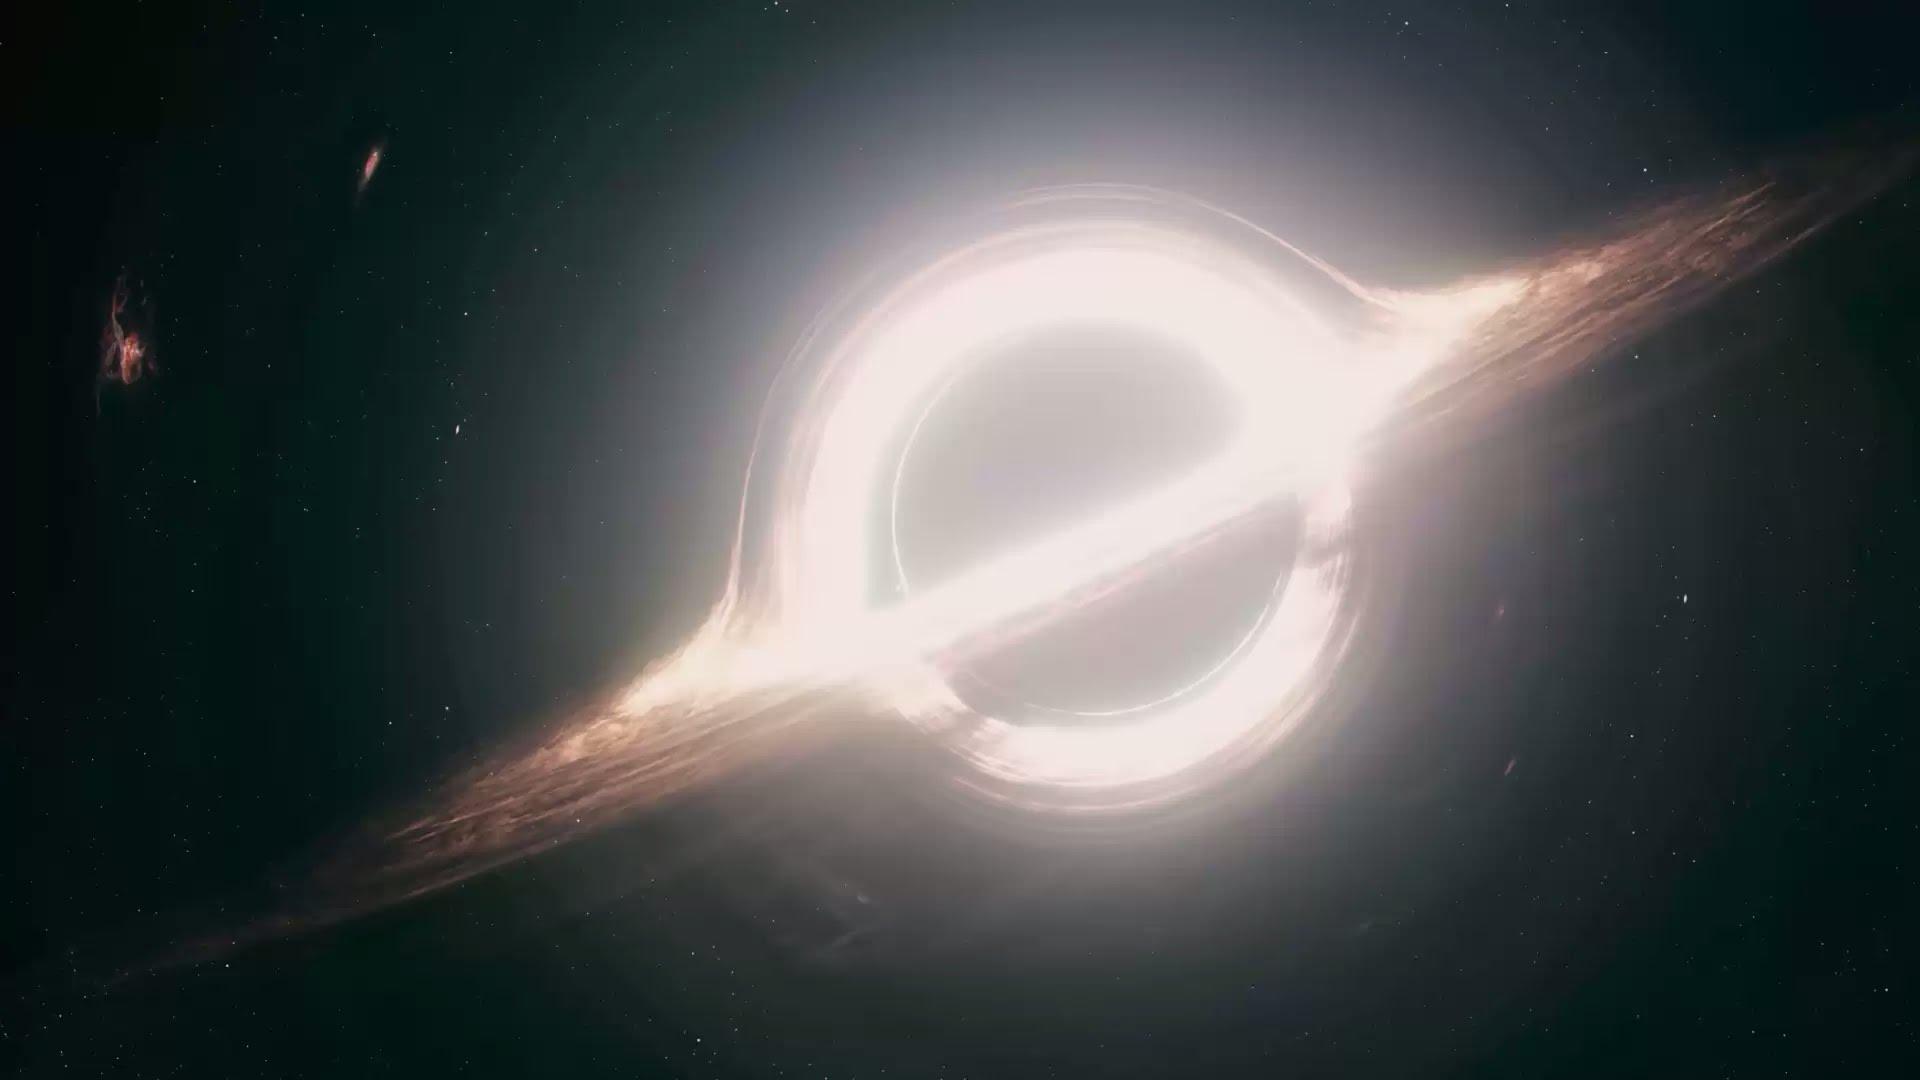 What happens in the movie Interstellar?